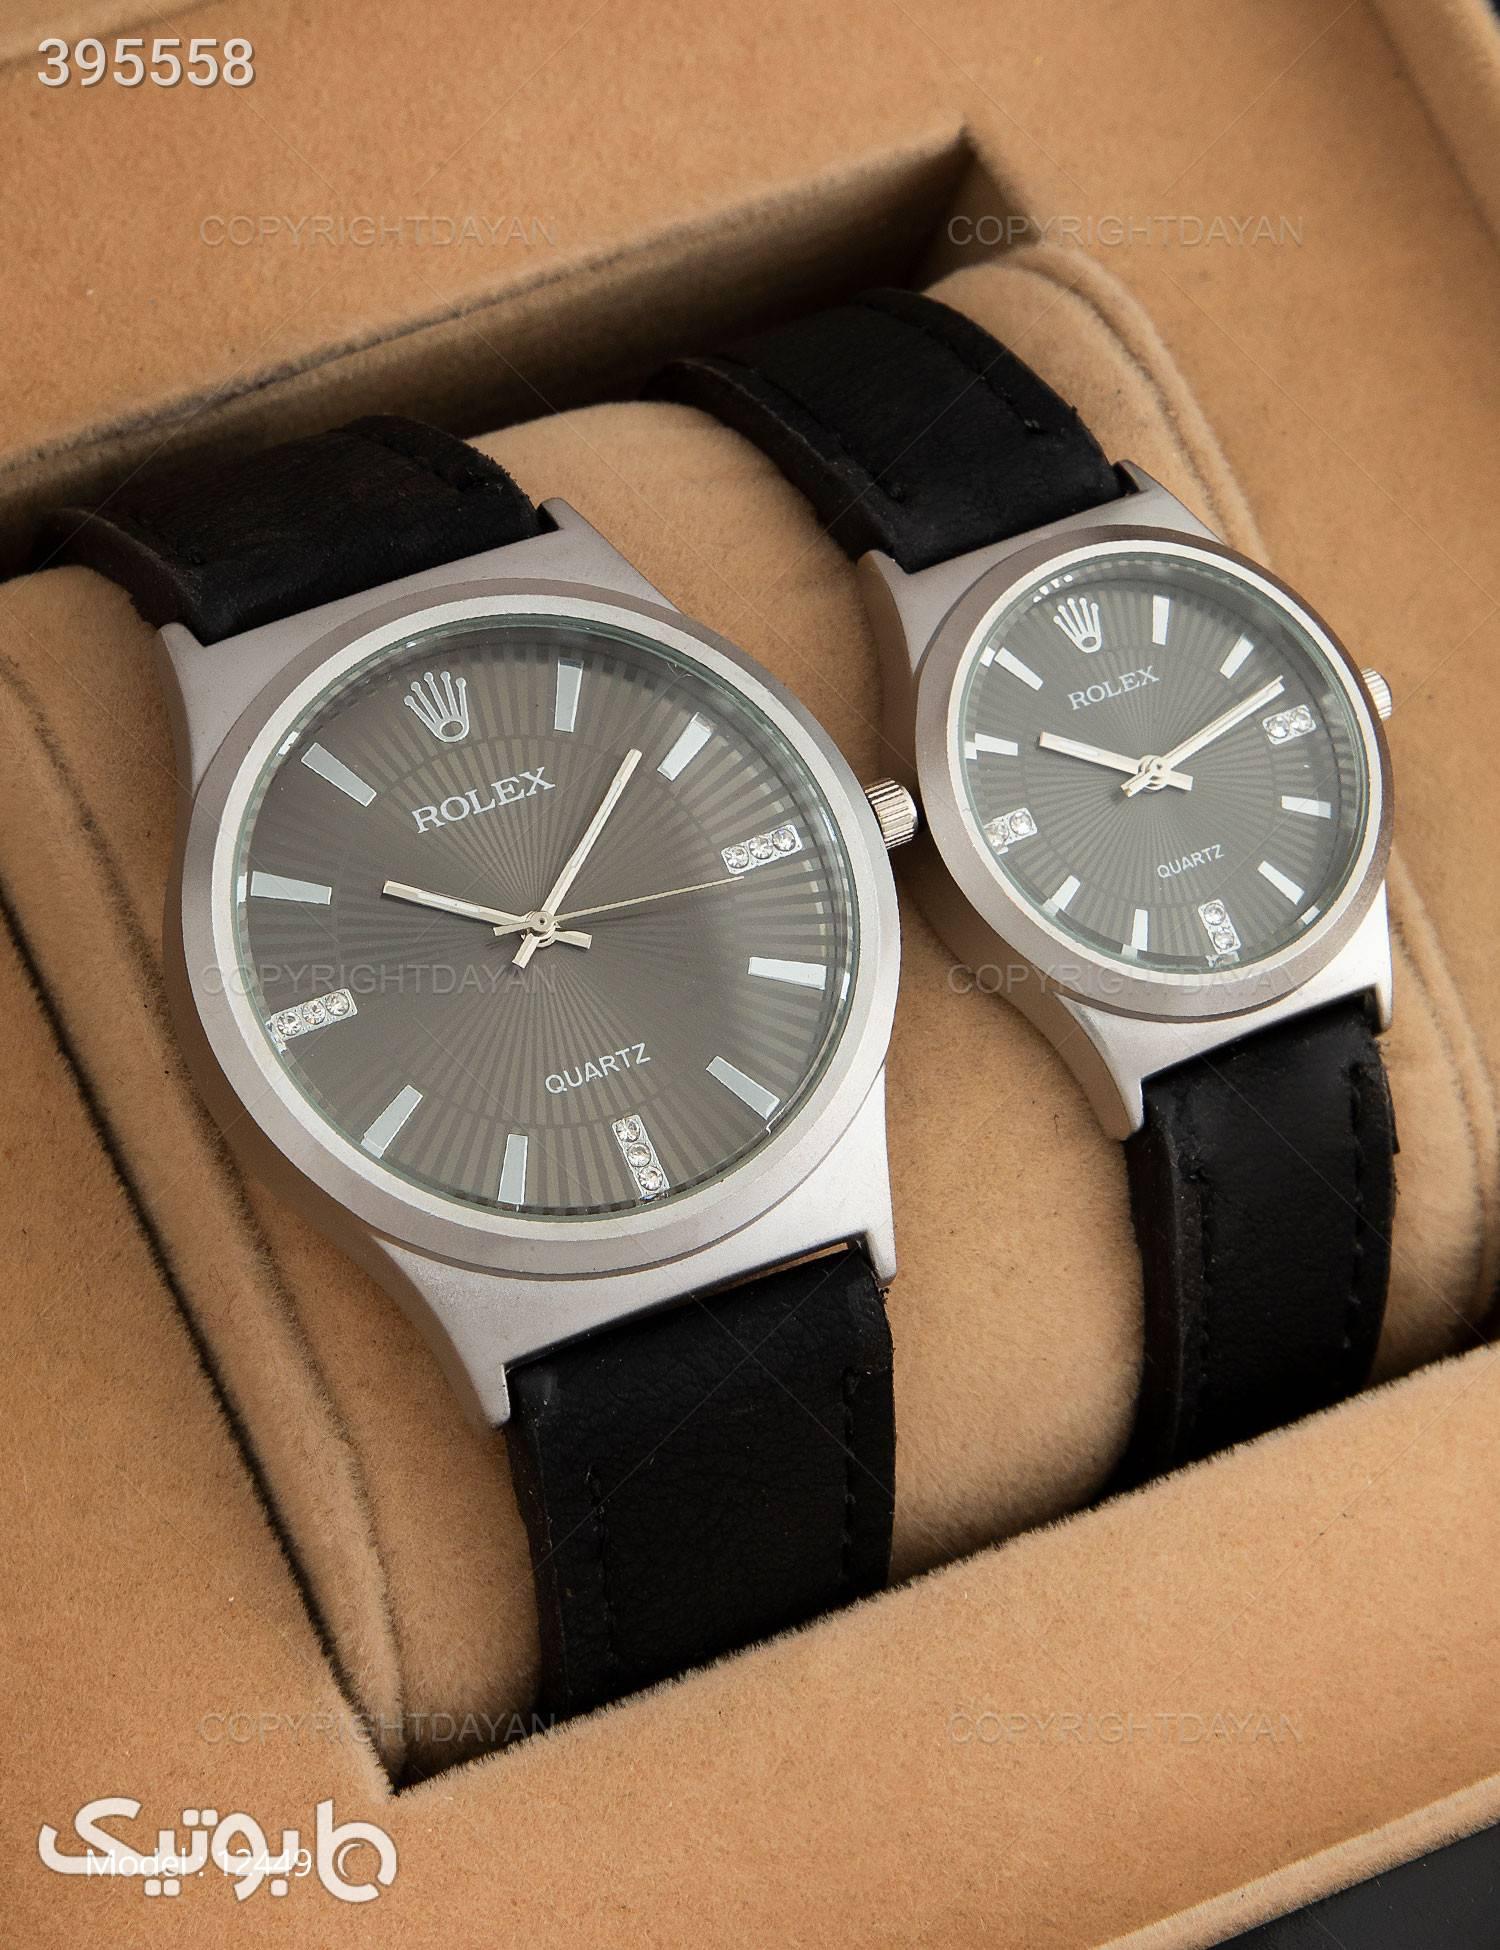 ست ساعت مچی Rolex  مدل 12449 مشکی ساعت